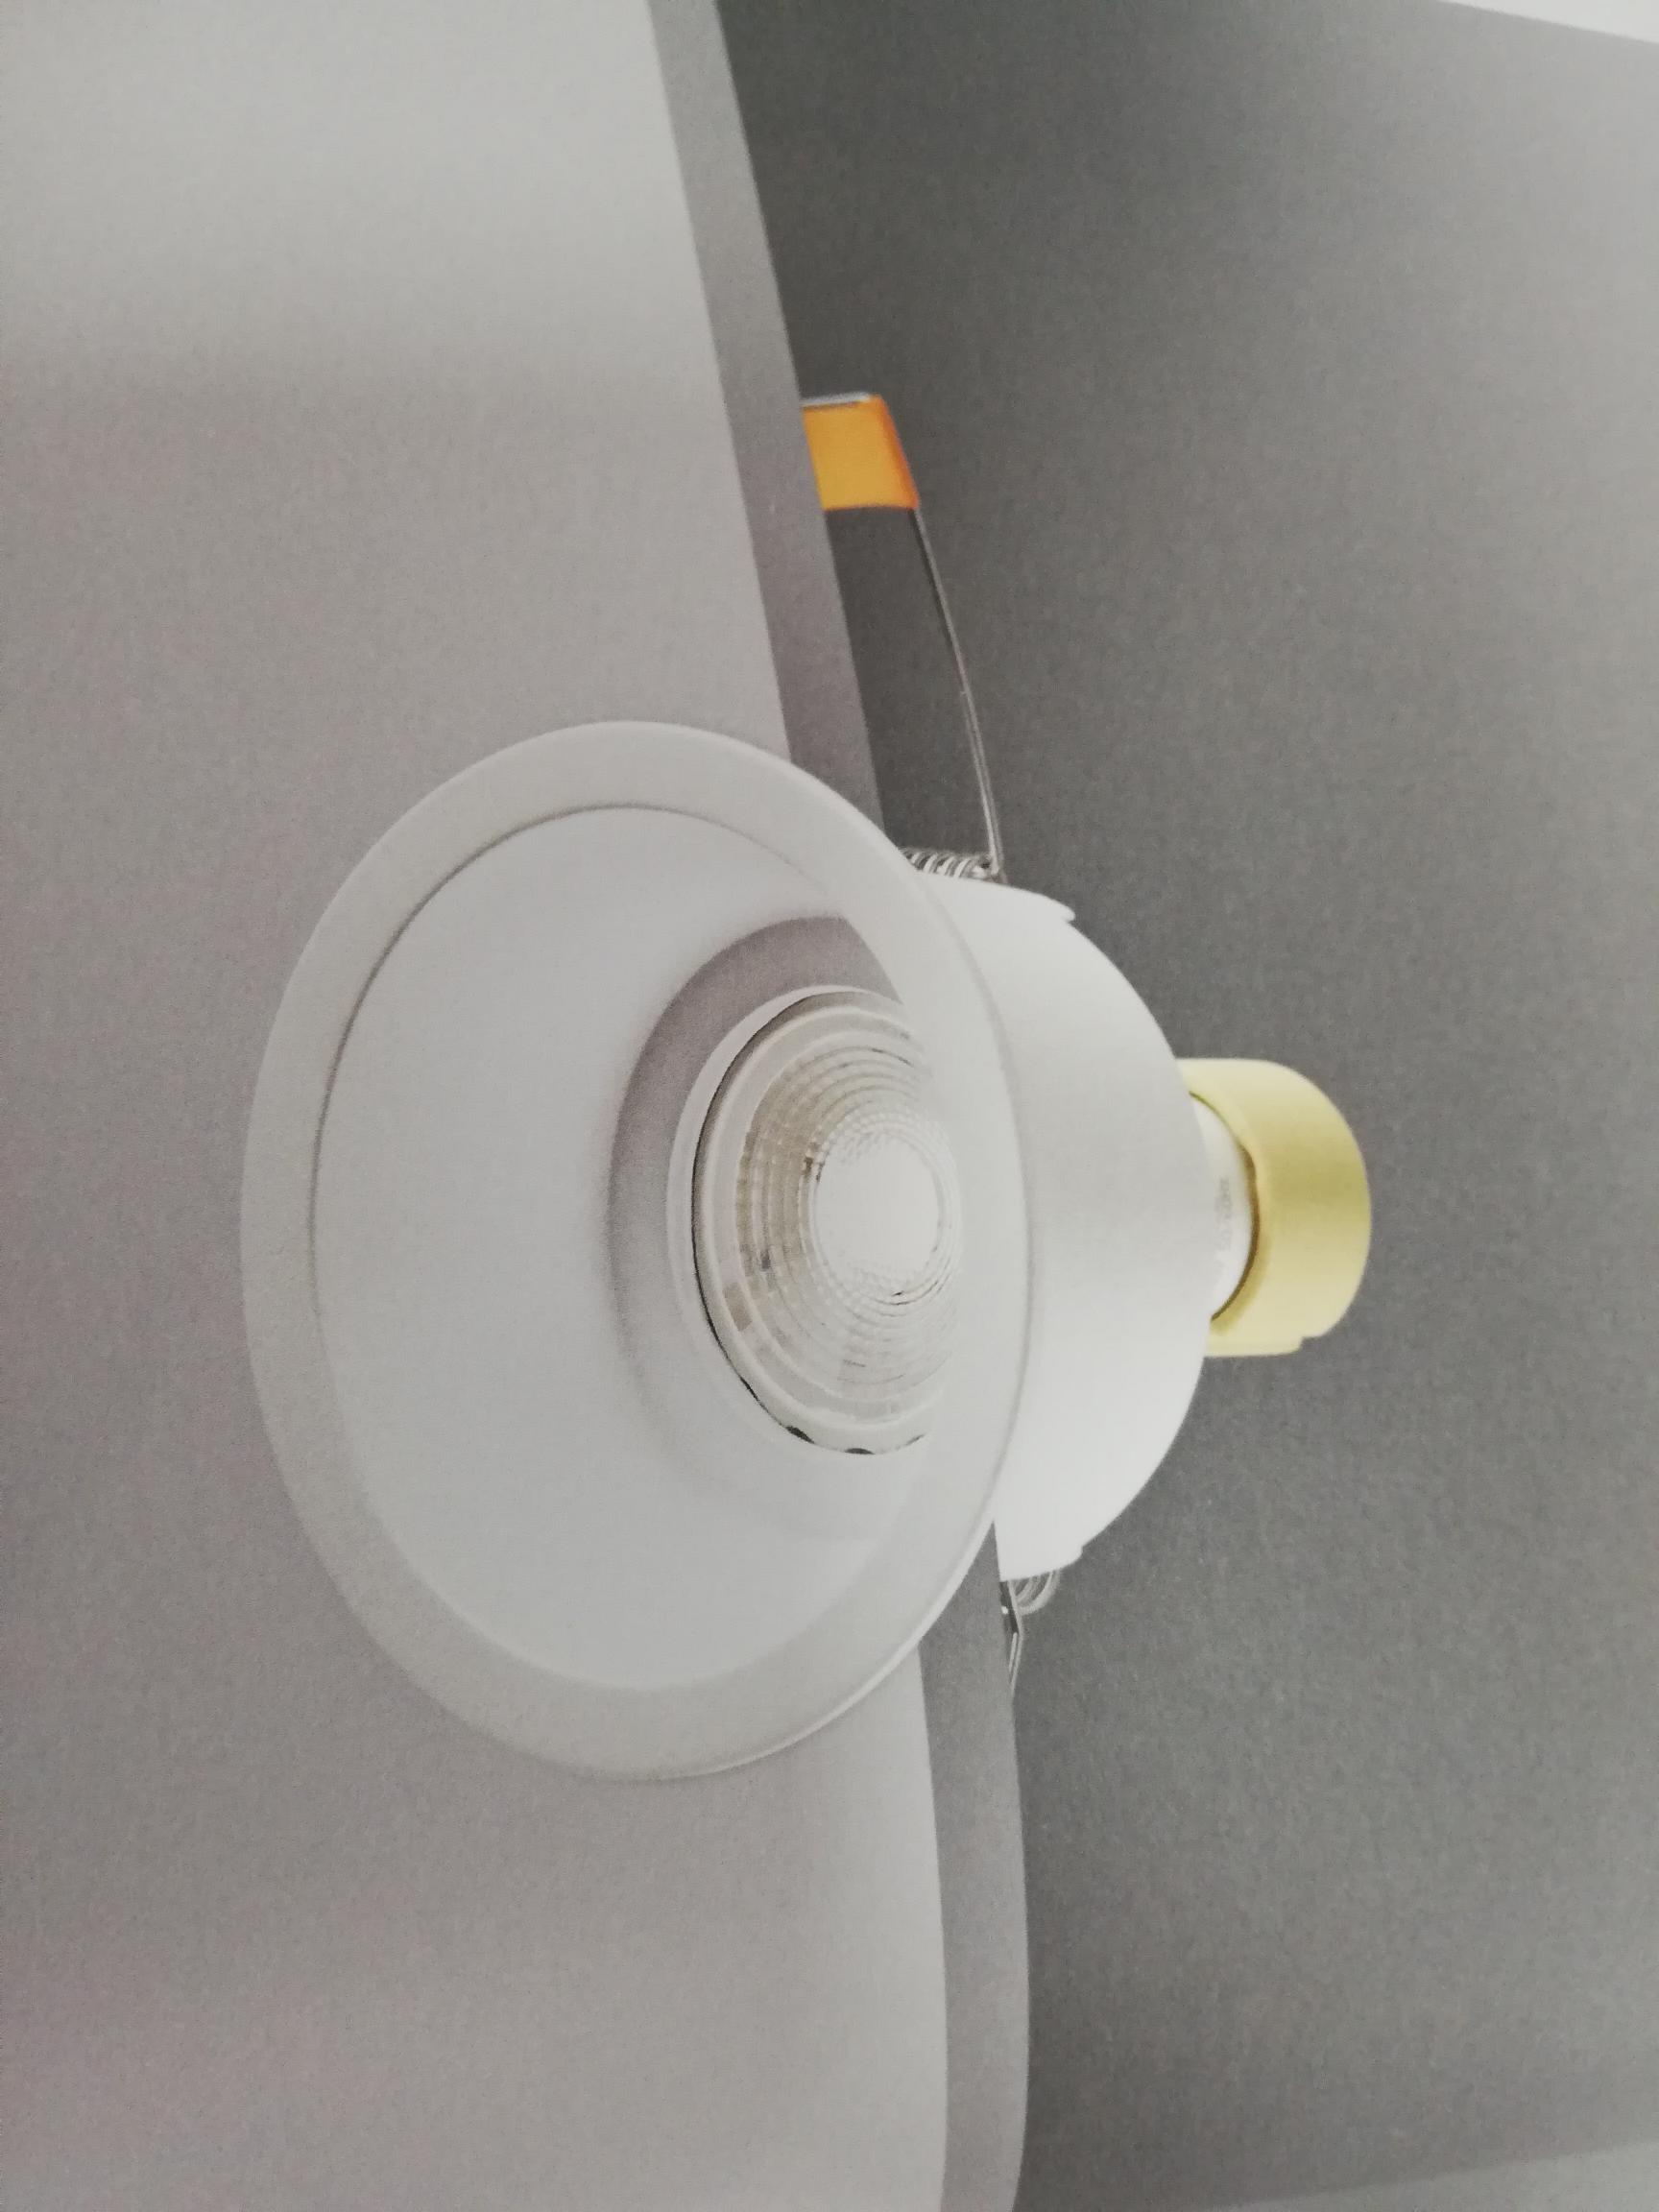 ISILUCE Faretto Simple tondo da incasso alluminio bianco attacco GU10